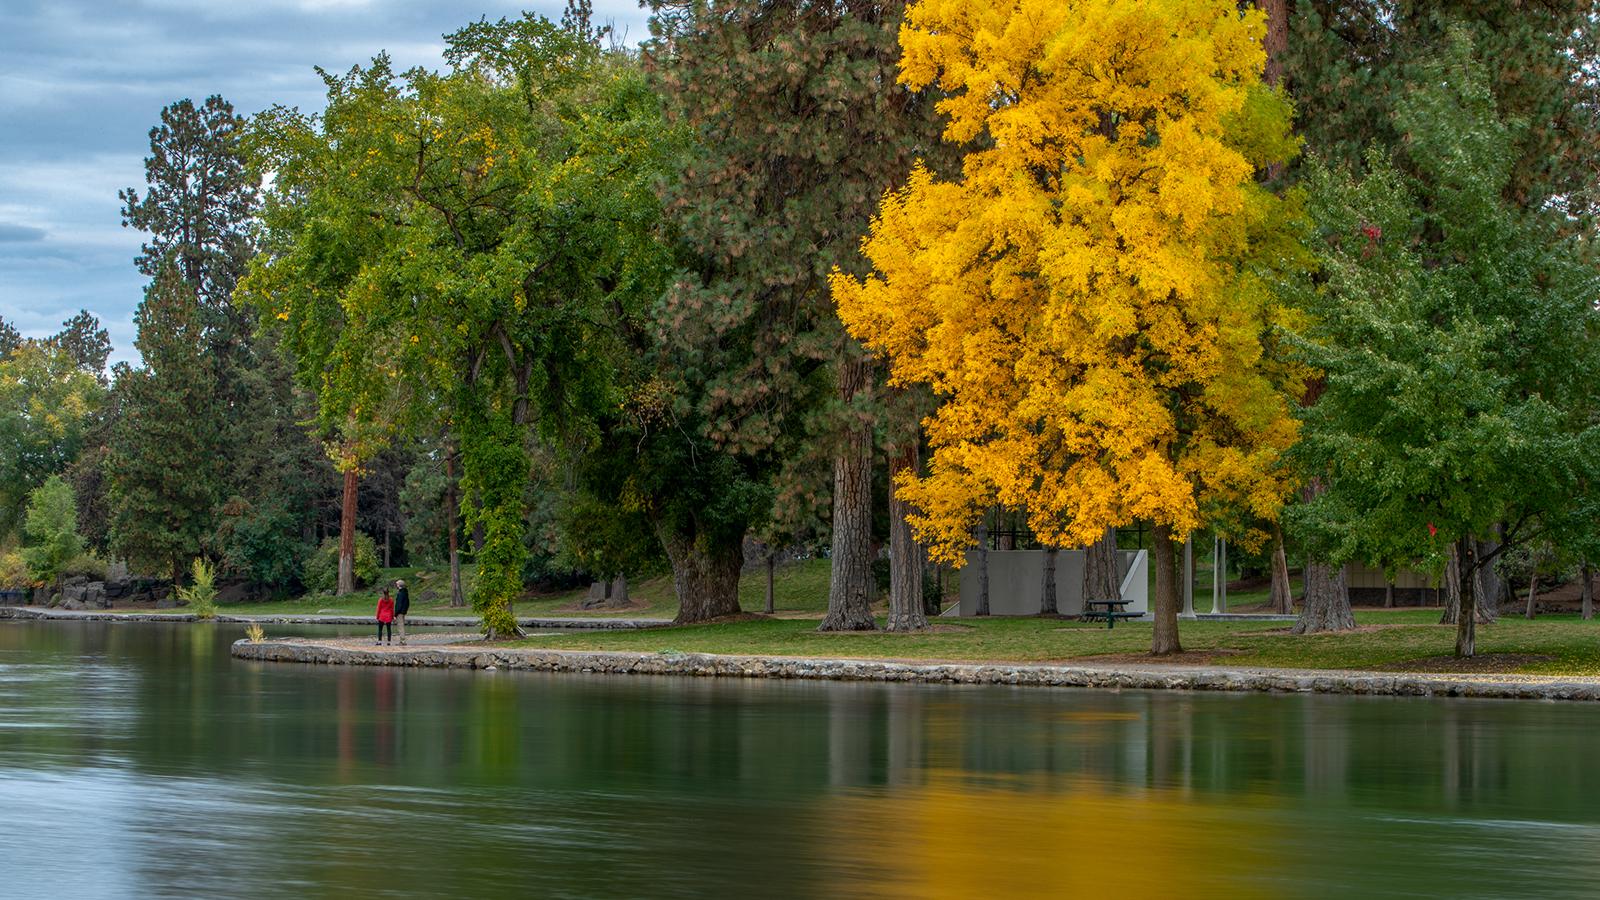 Drake Park in Bend, Oregon